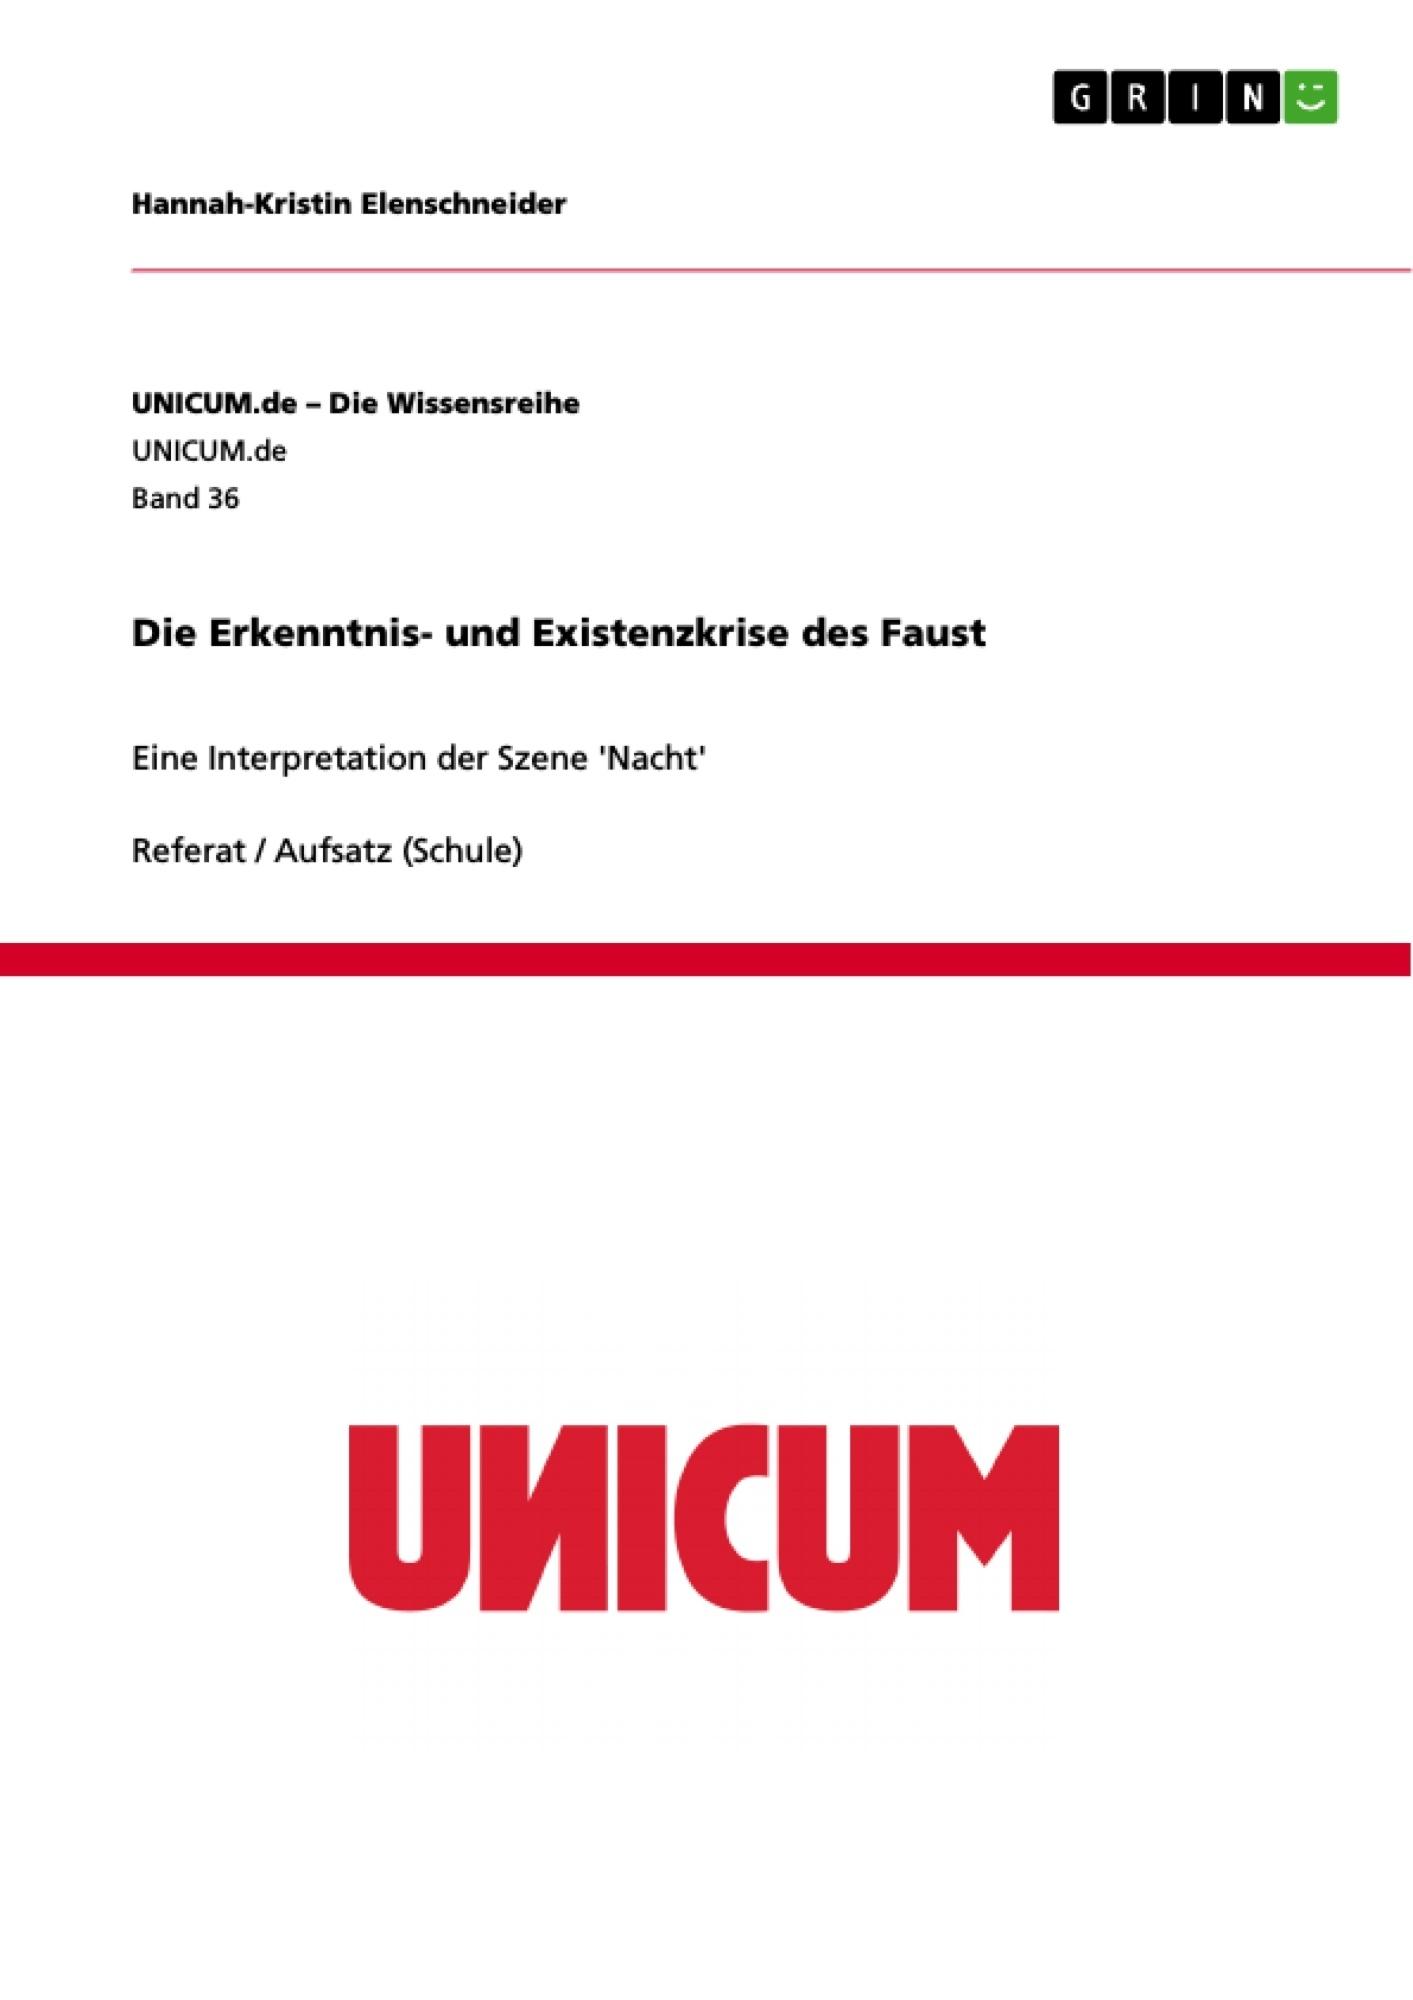 Titel: Die Erkenntnis- und Existenzkrise des Faust